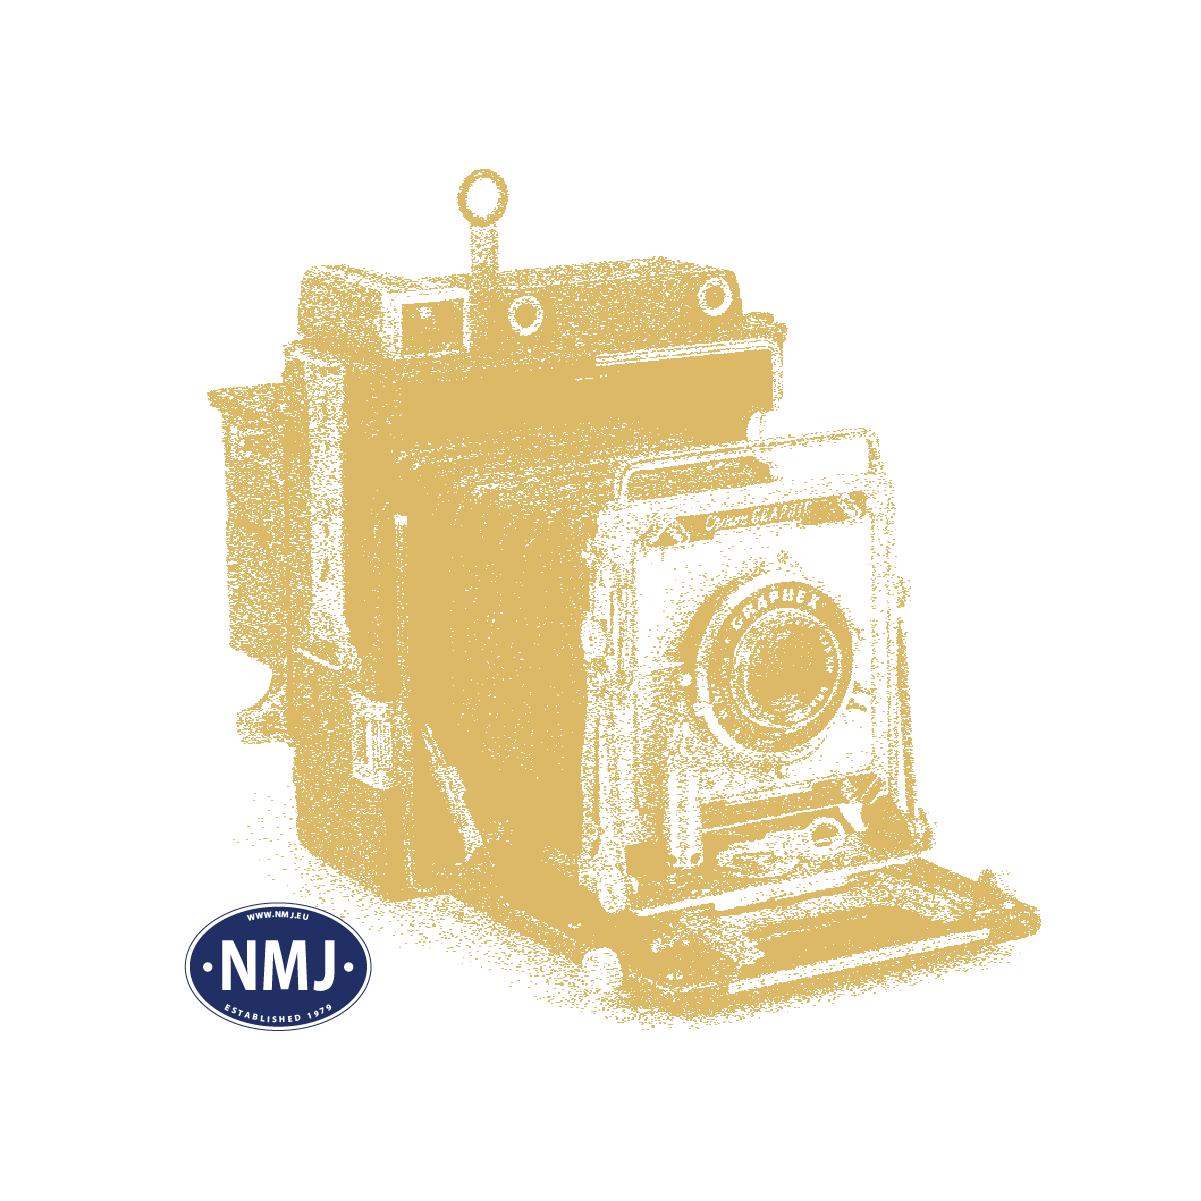 NMJT134.102 - NMJ Topline NSB DF37 21306 Post- und Gepäck und Schaffnerwagen, Rotbraun